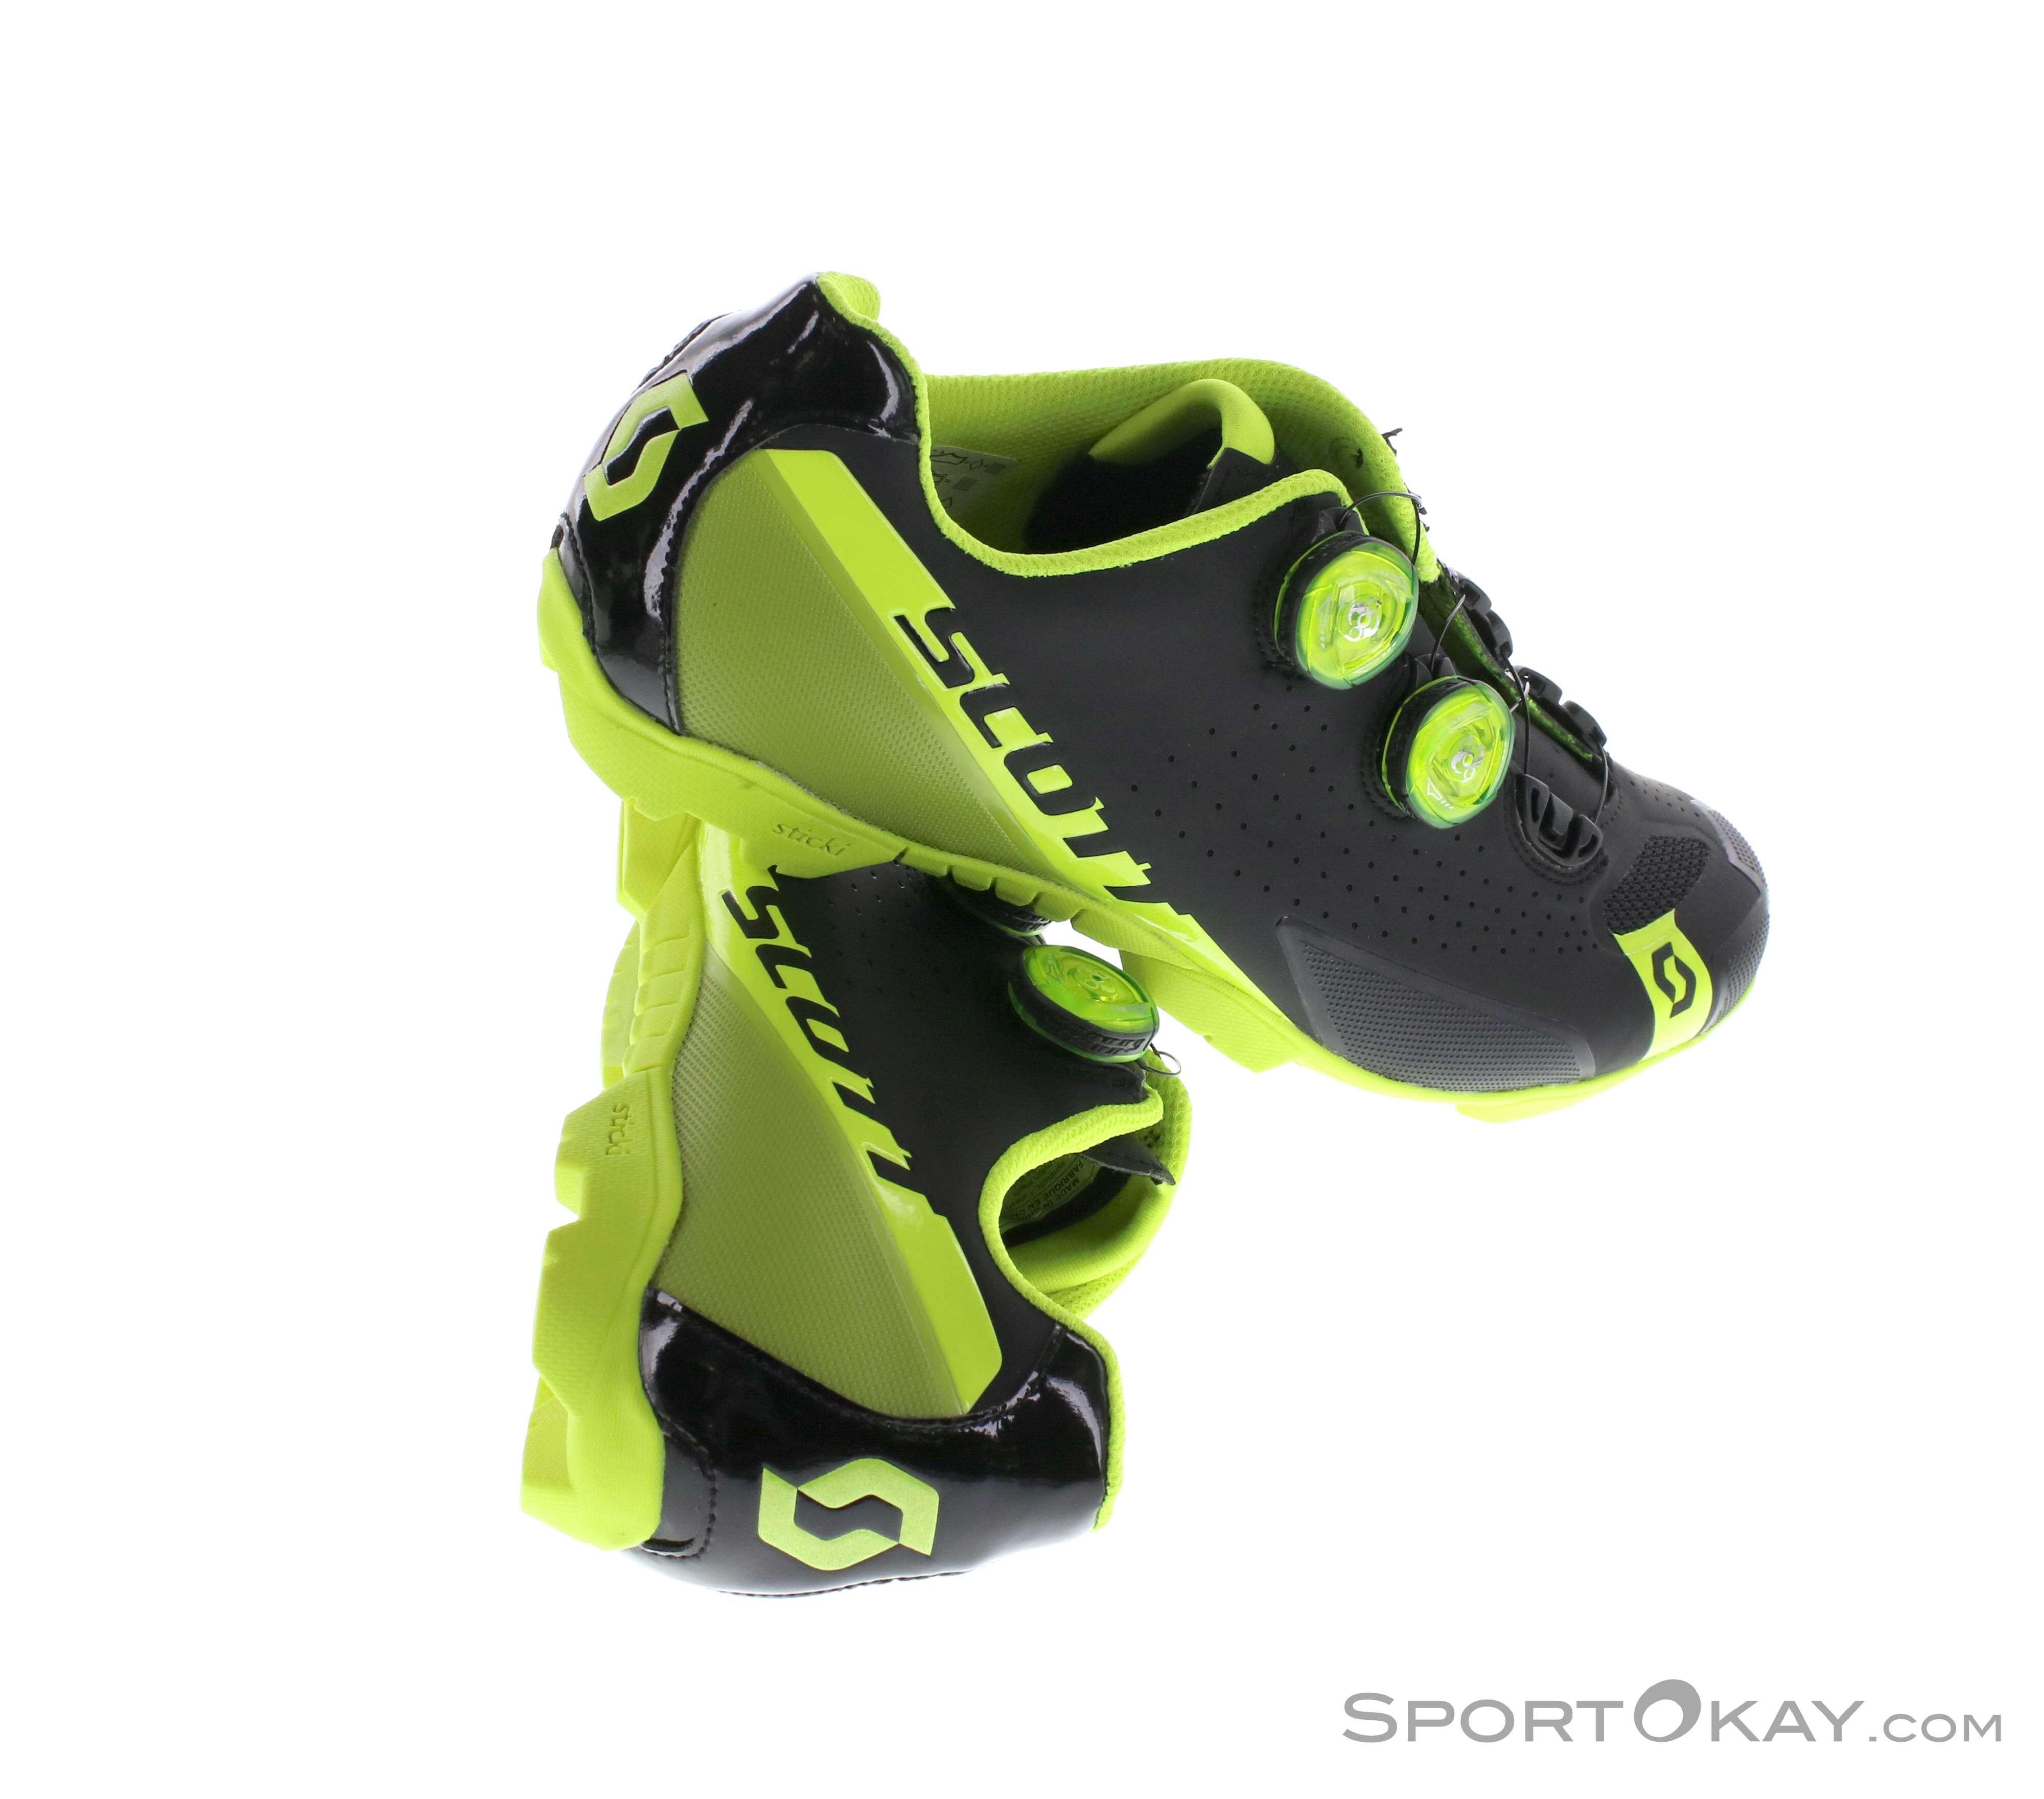 in vendita online nuovo stile di vita servizio eccellente Scott Scott MTB RC Scarpe da Bici